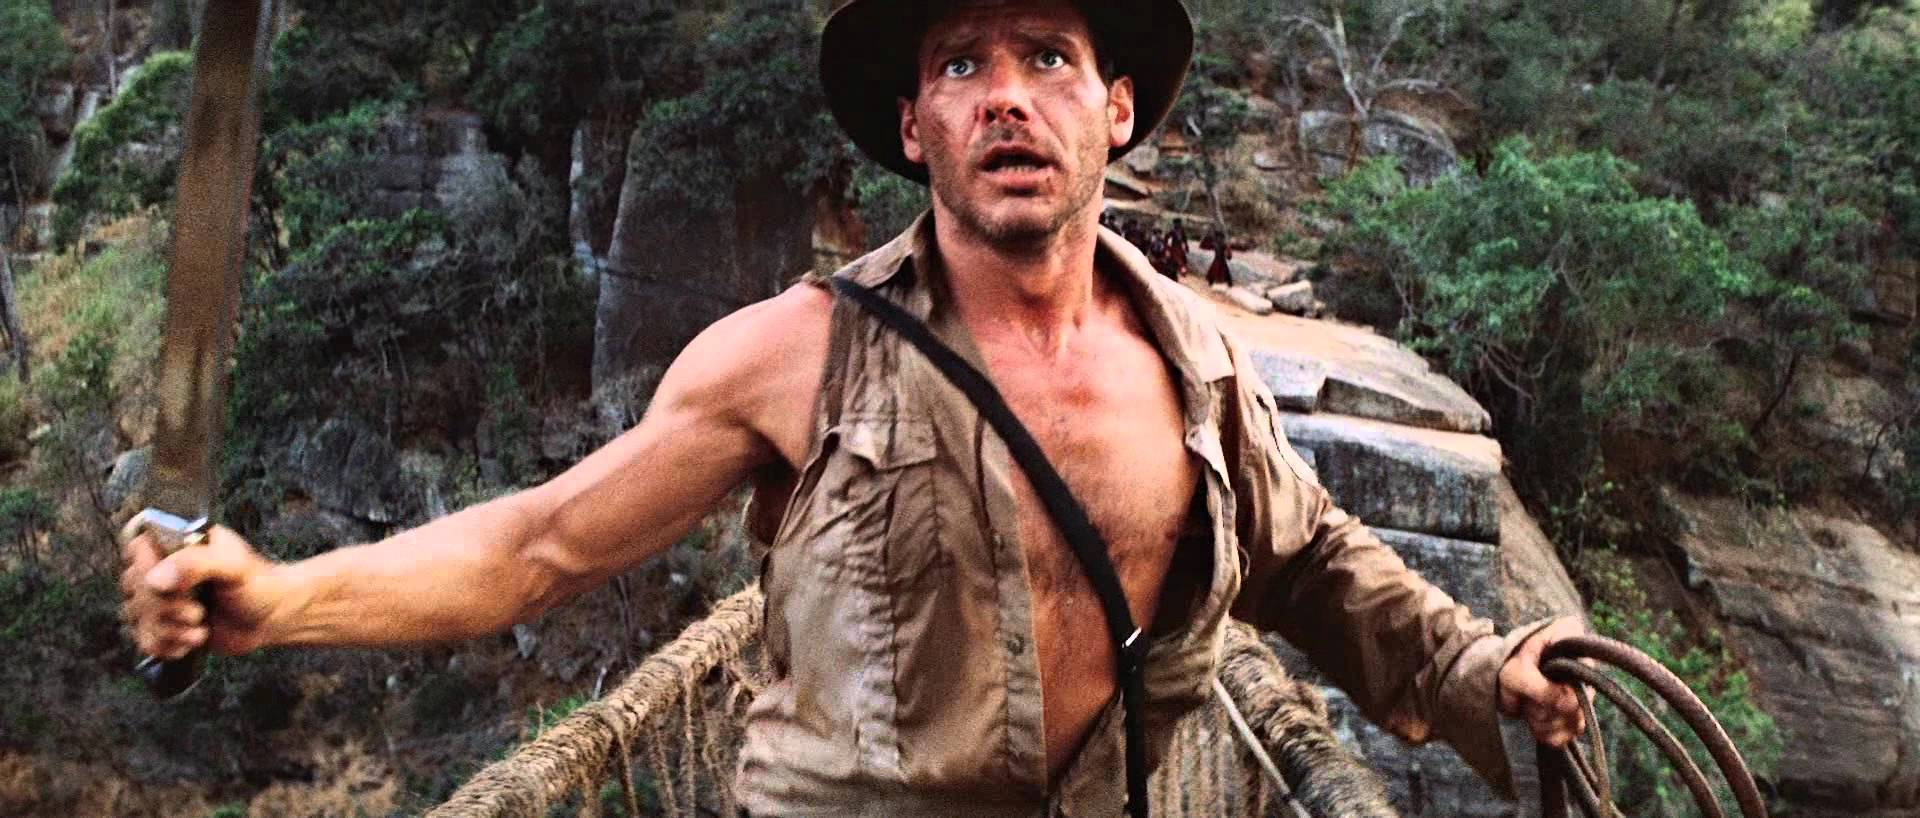 Индиана Джонс и Храм судьбы (Indiana Jones and the Temple of Doom) 1984